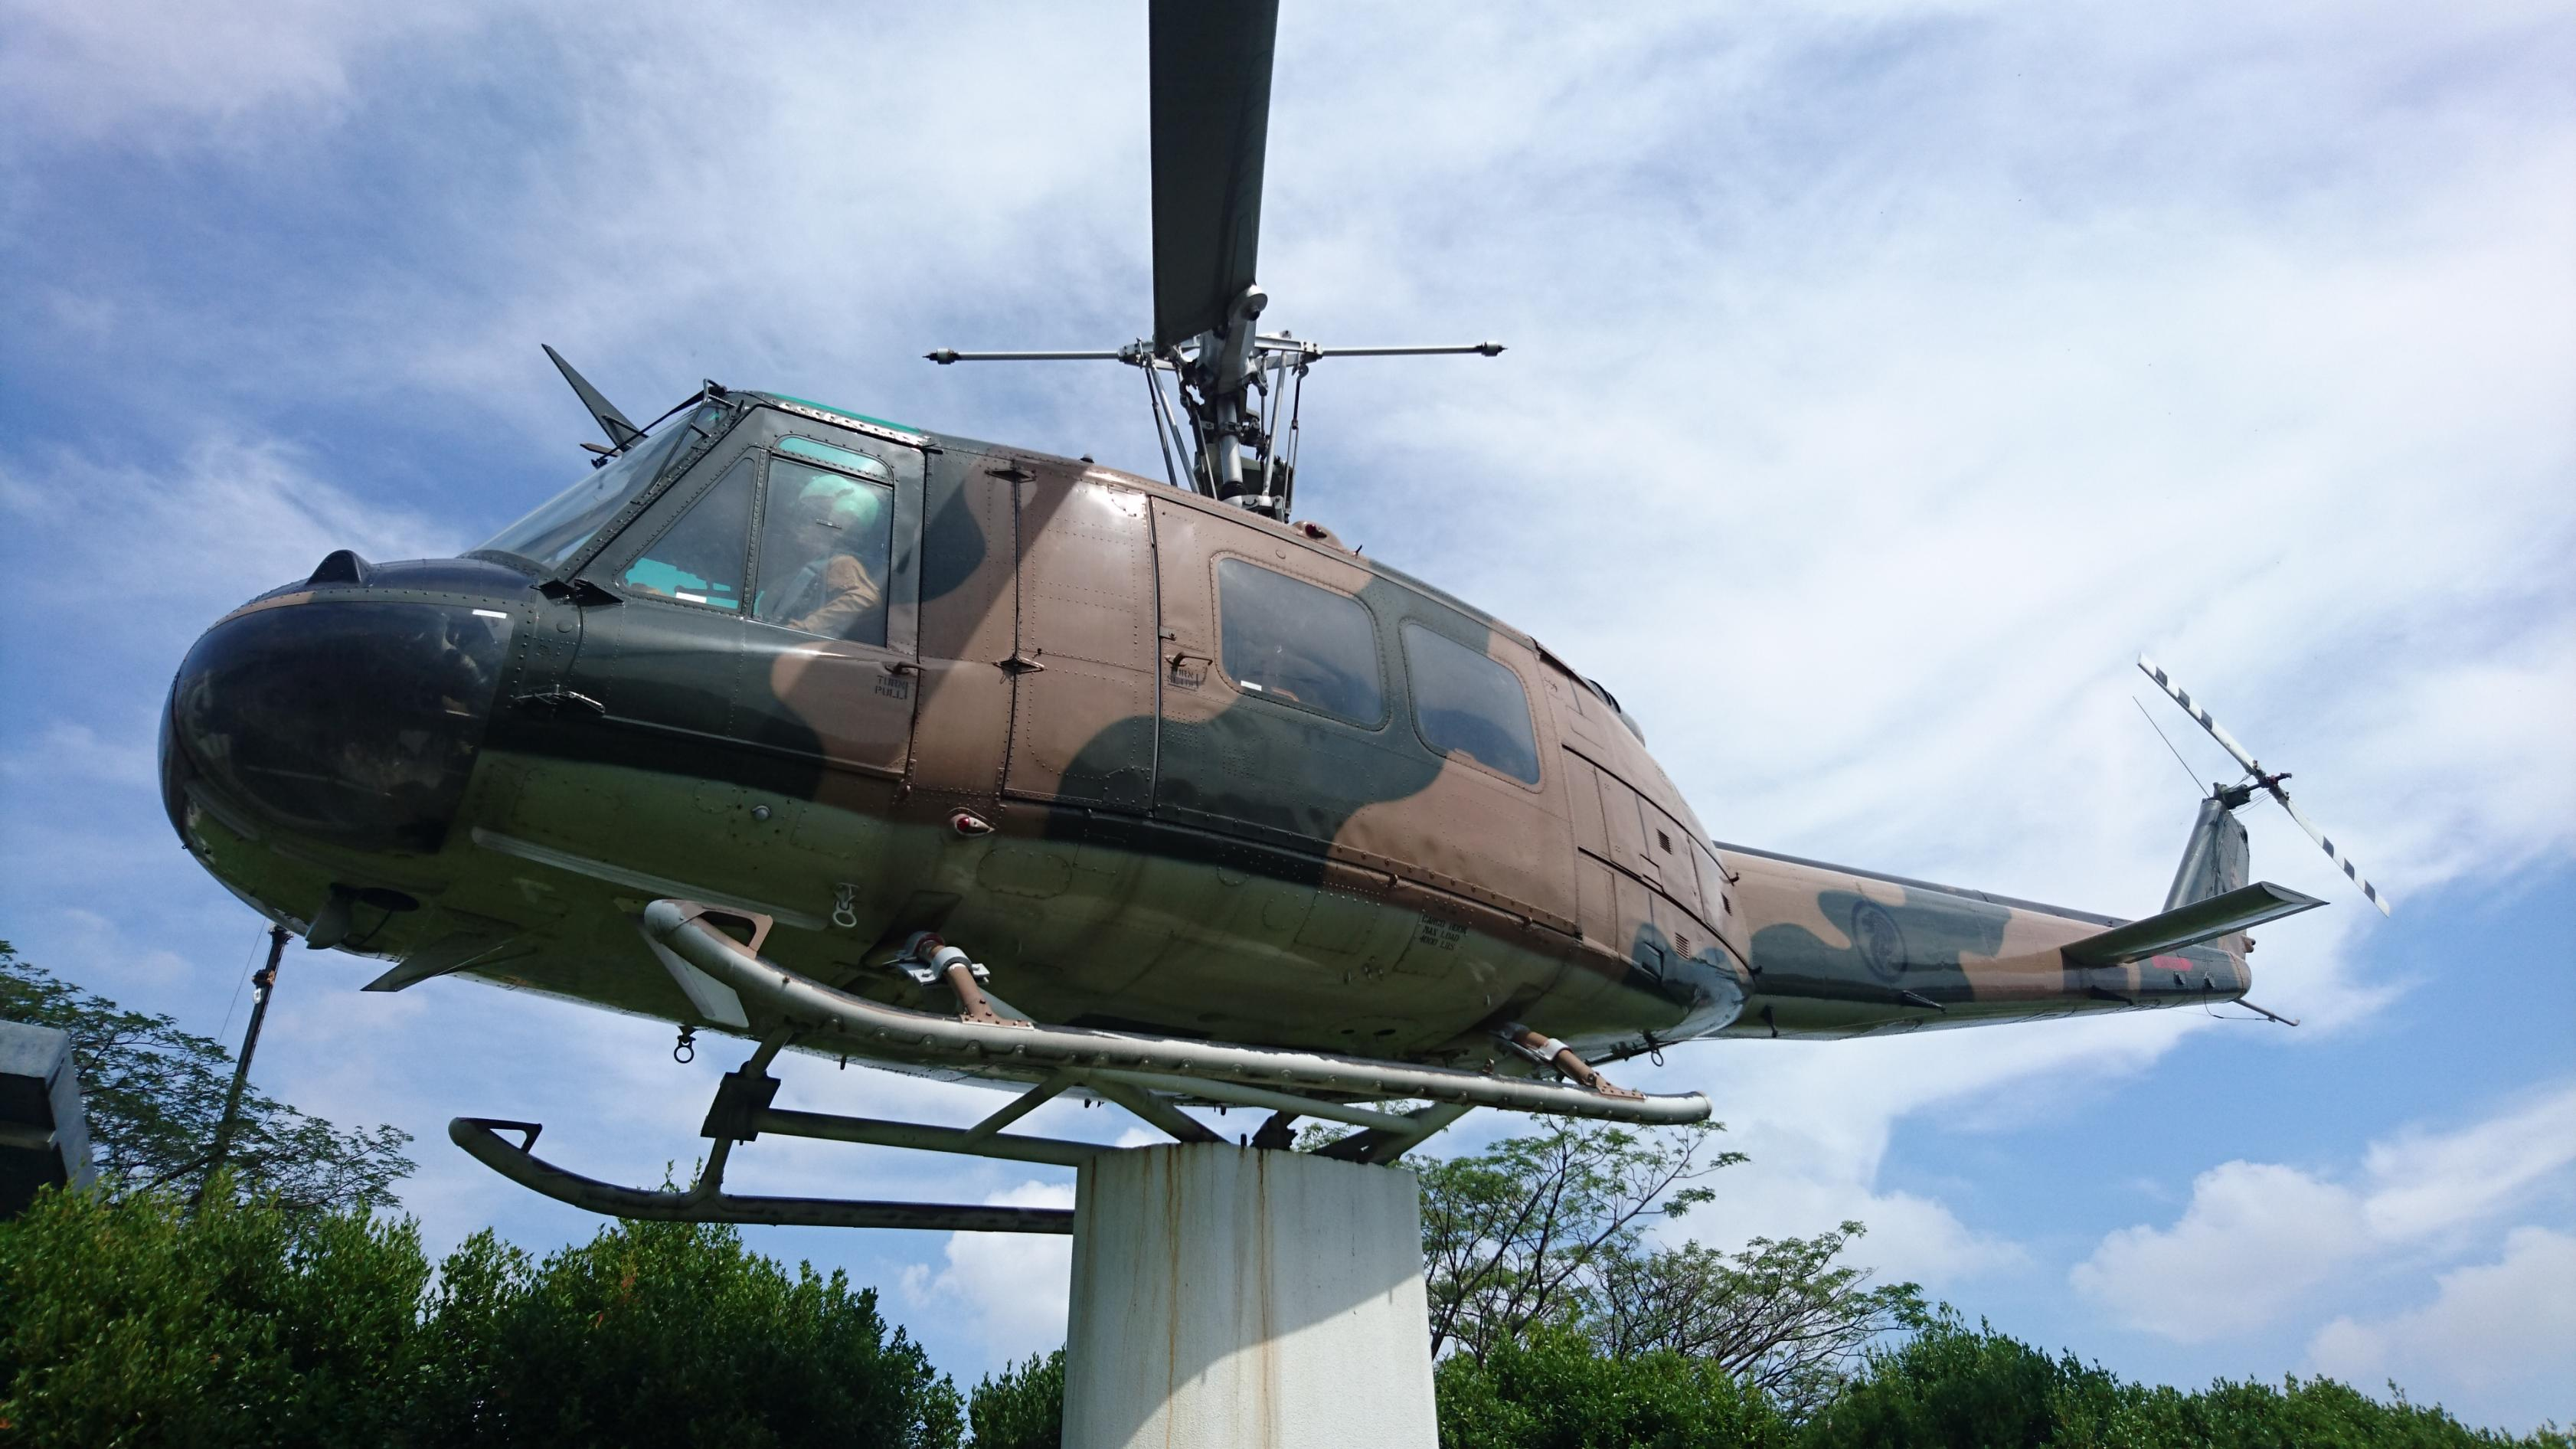 Naam: Singapore Air Force Museum at Paya Lebar 13.jpg Bekeken: 73 Grootte: 510,3 KB